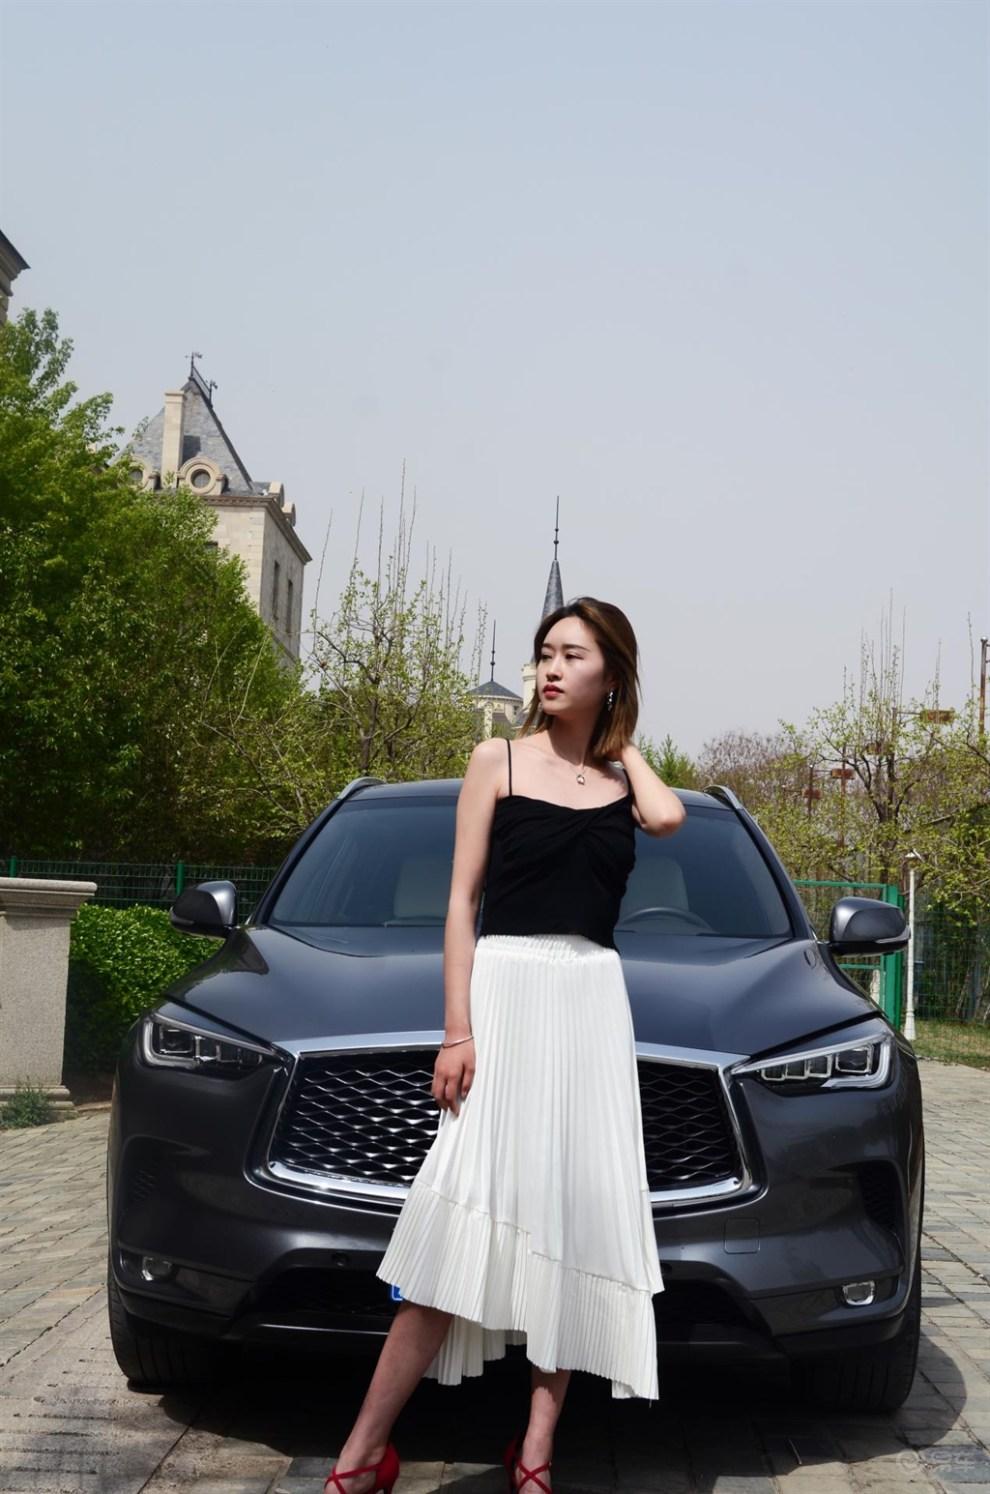 媳妇当车模——欧式建筑下的古典与豪华